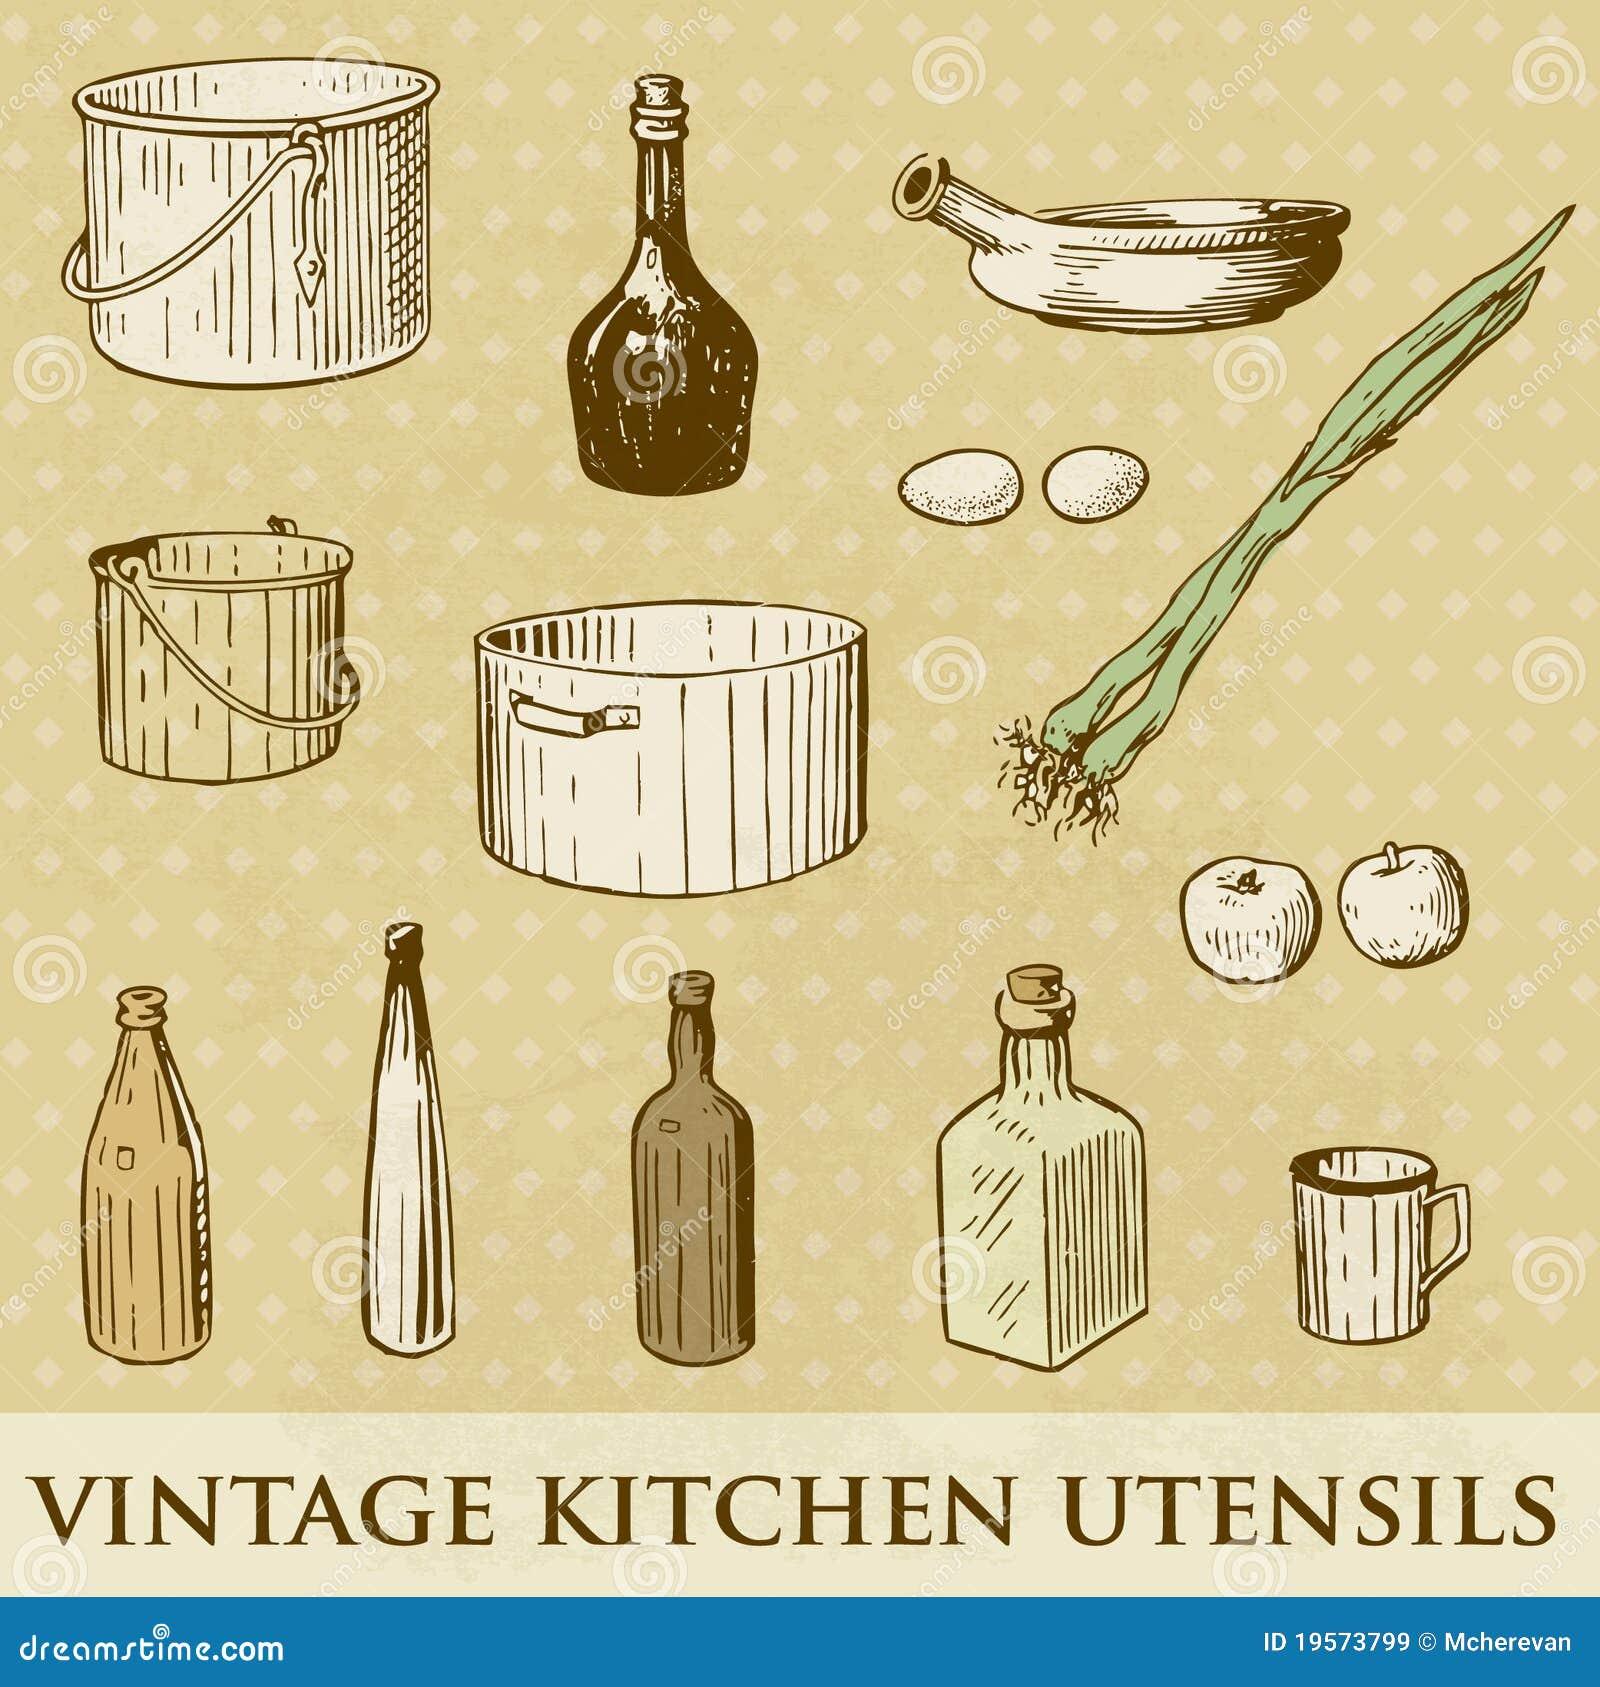 Vintage Kitchen Utensils Images: Set Of Vintage Kitchen Utensils Royalty Free Stock Images